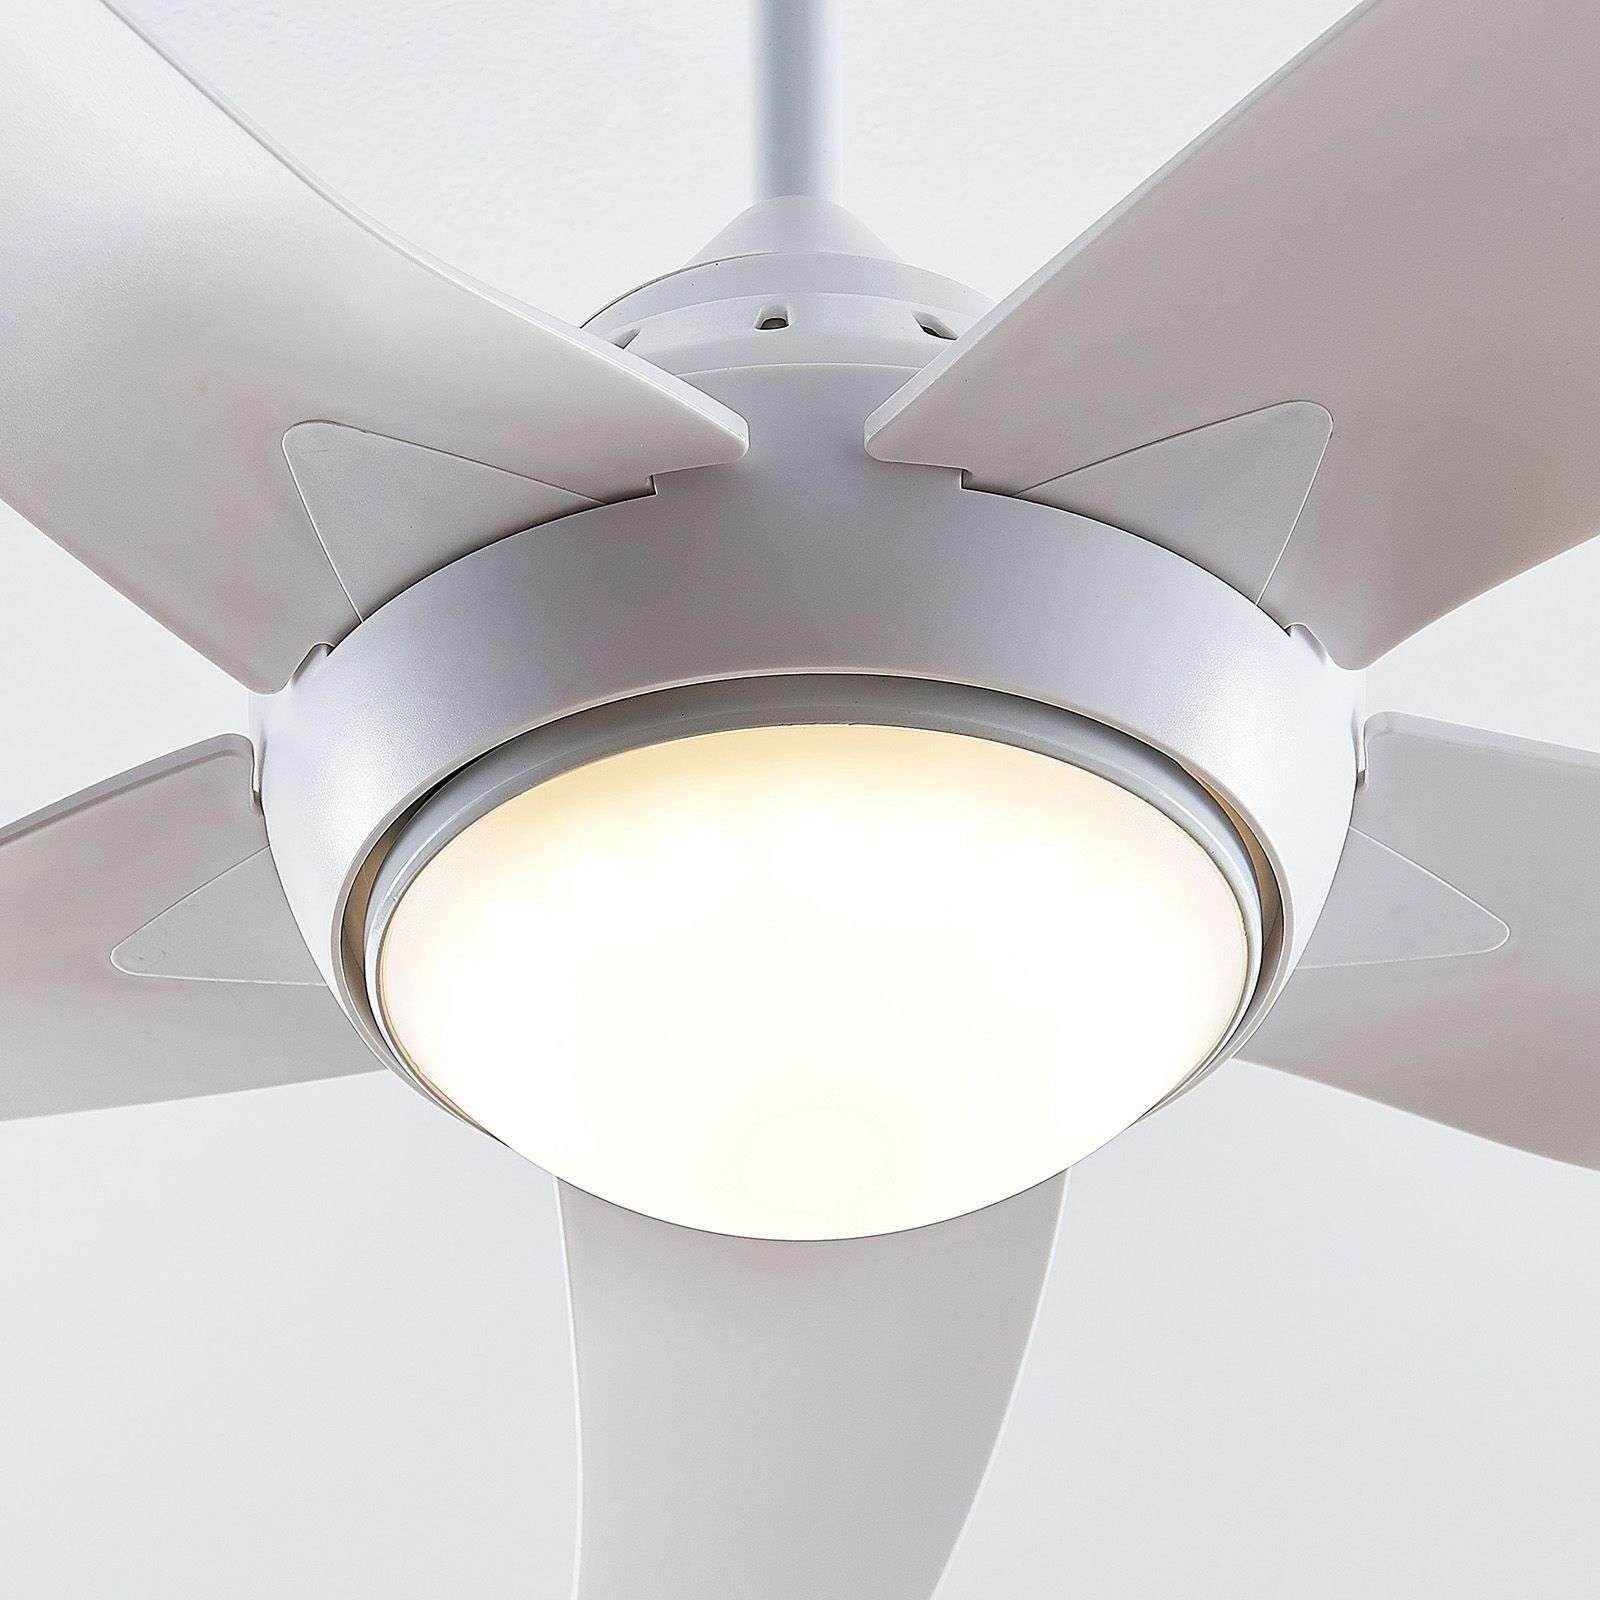 Moderner Deckenventilatoren Mit Beleuchtung Von Arcchio Weiss In 2020 Led Ventilator Und Deckenventilator